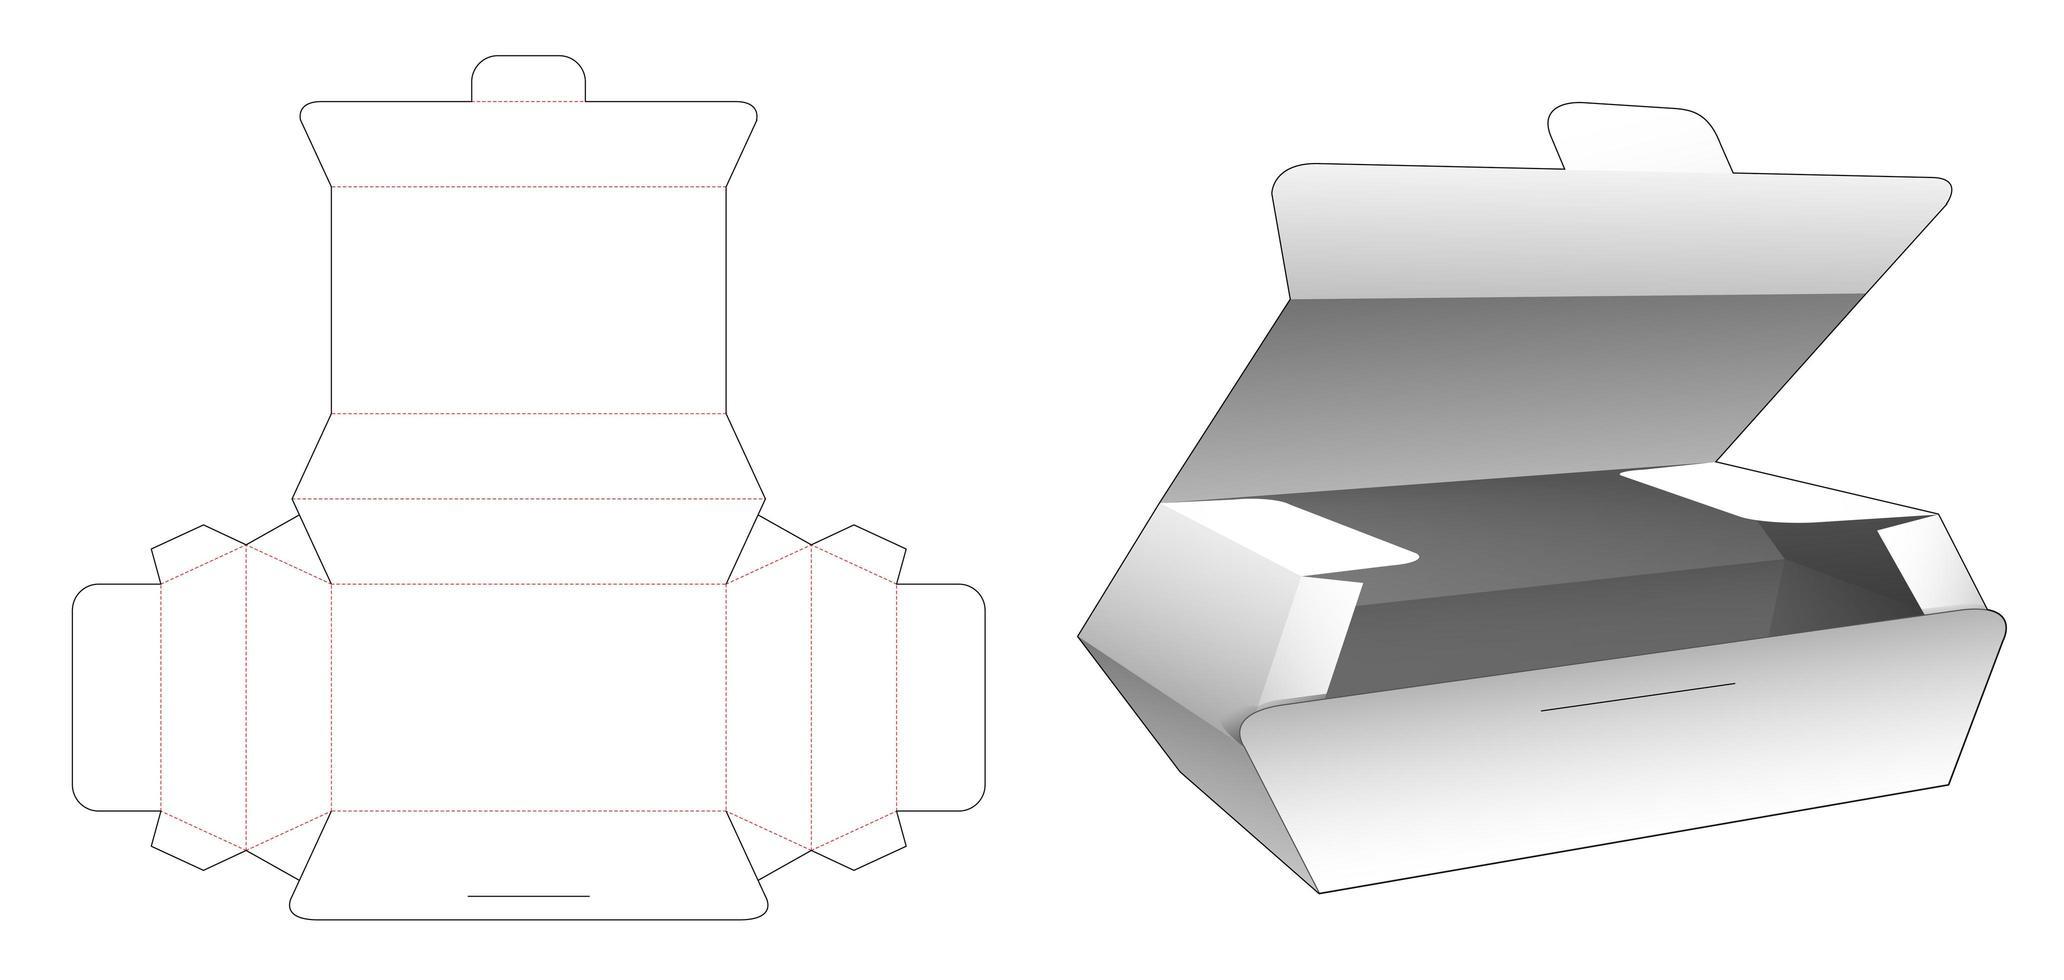 vänd matlådan vektor